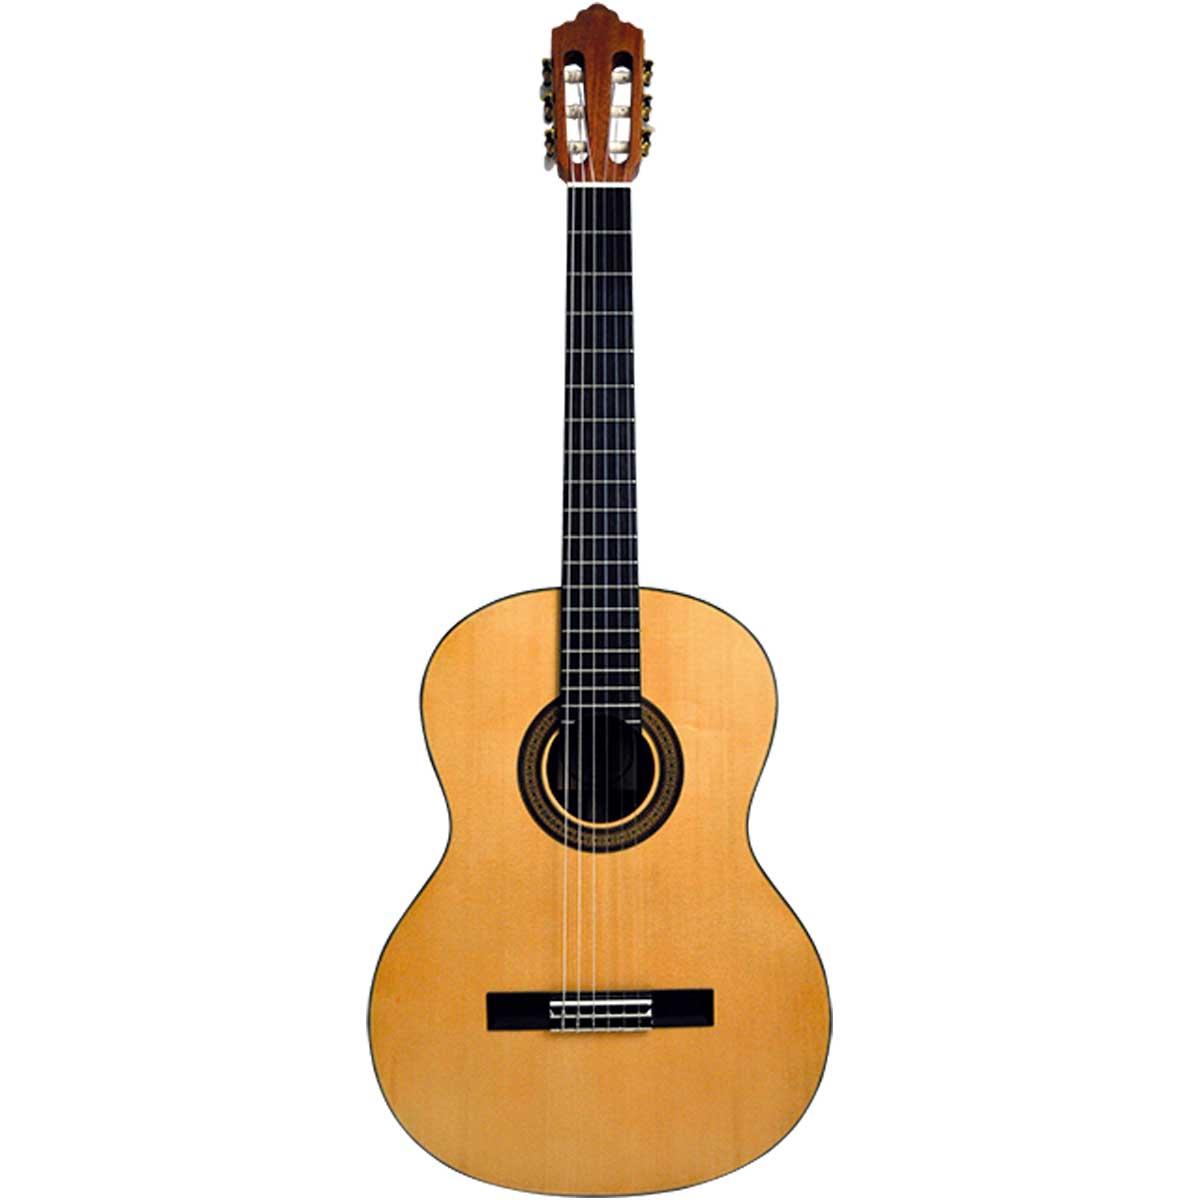 Santana ST20S spansk guitar